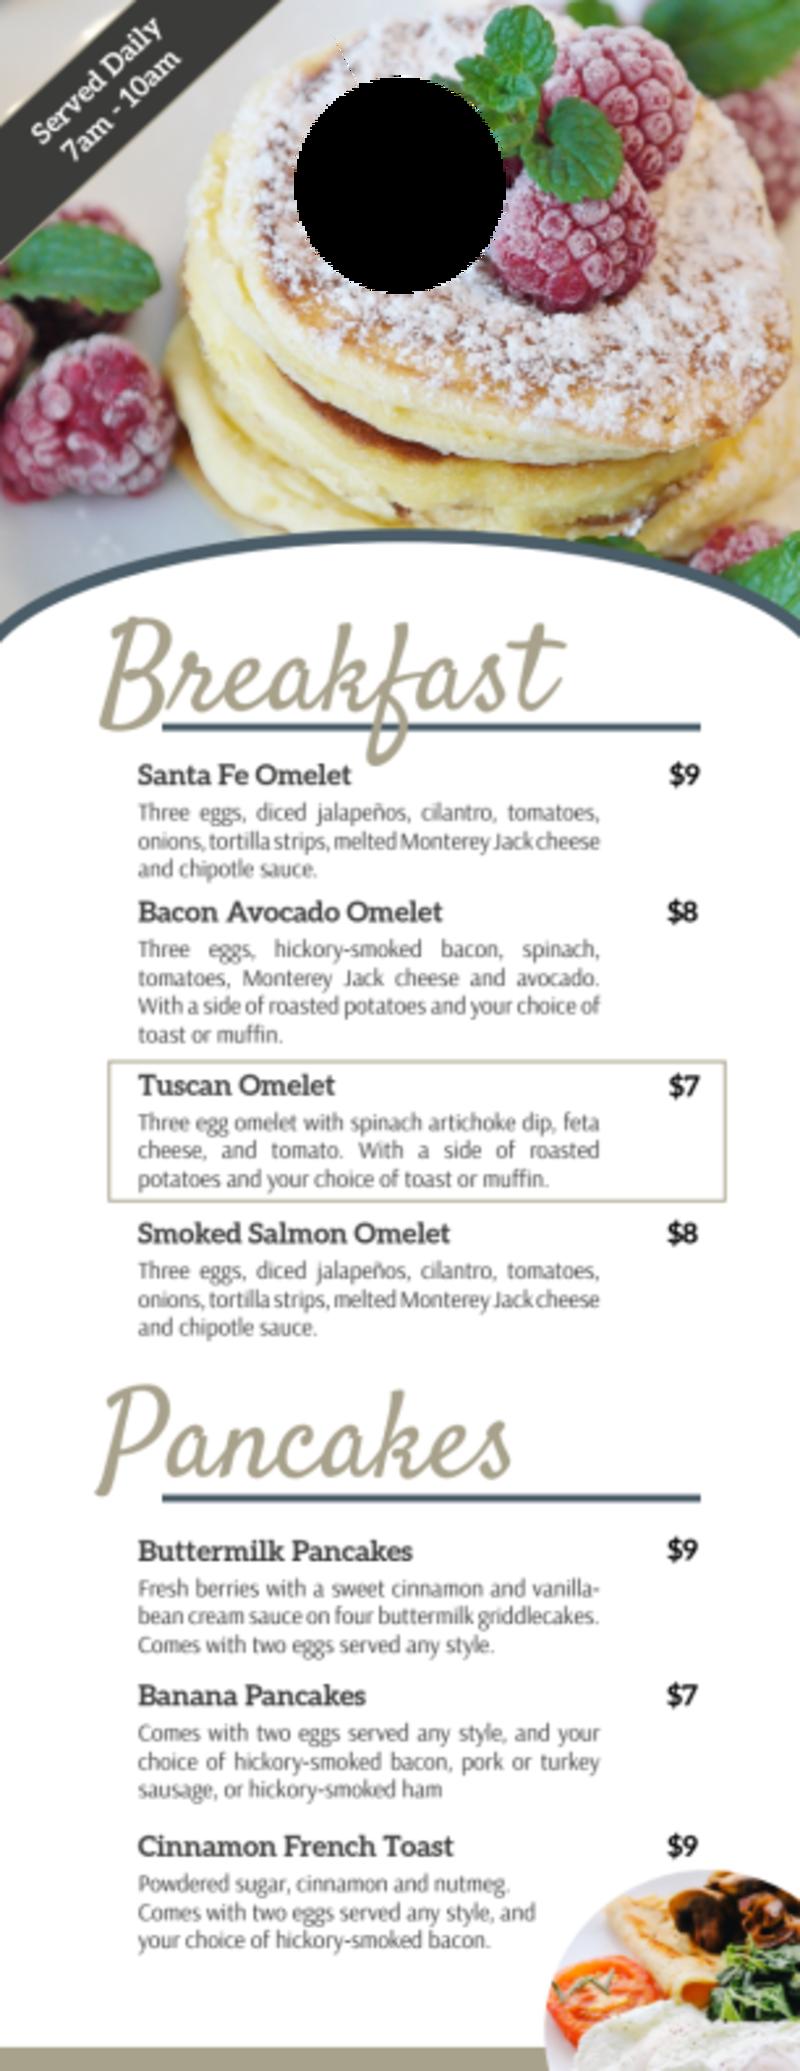 Hotel Breakfast Menu Door Hanger Template Preview 2